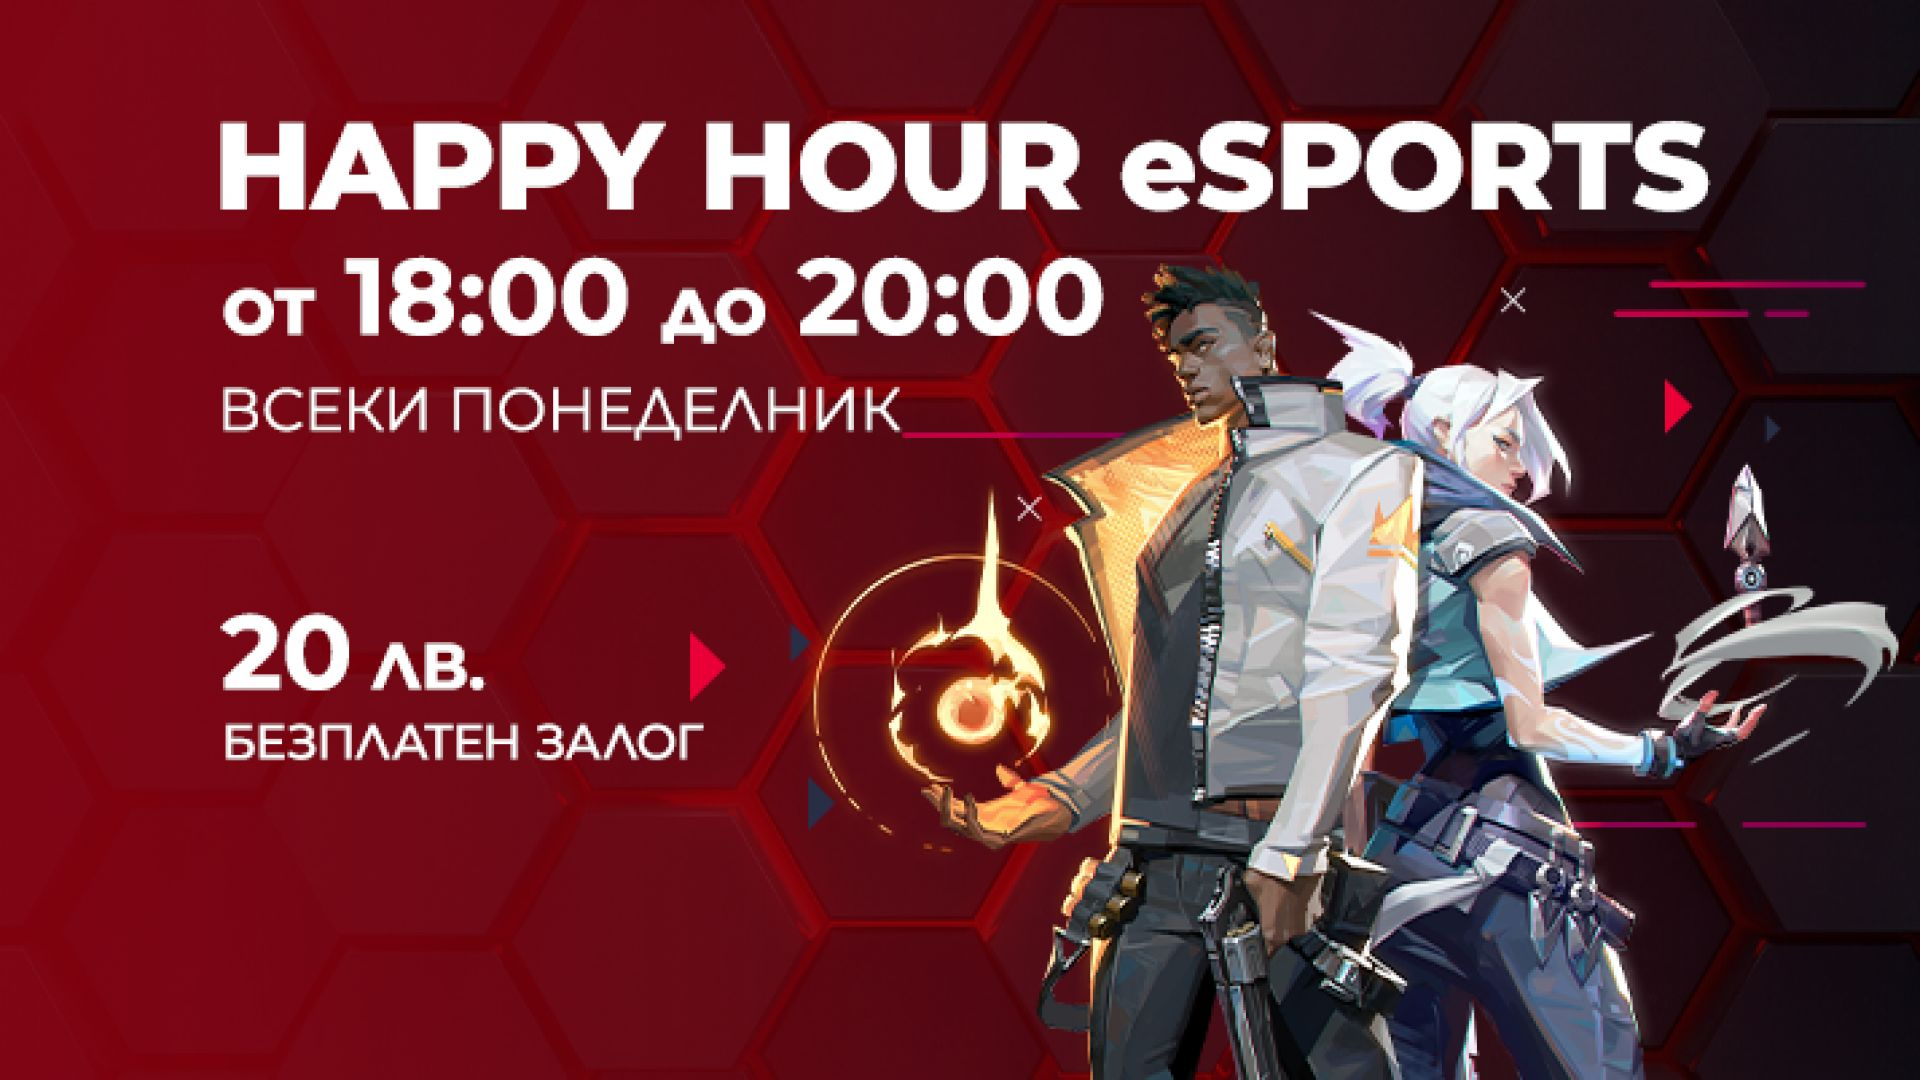 Новата eSports секция в сайта Winbet.bg стартира с Happy hour